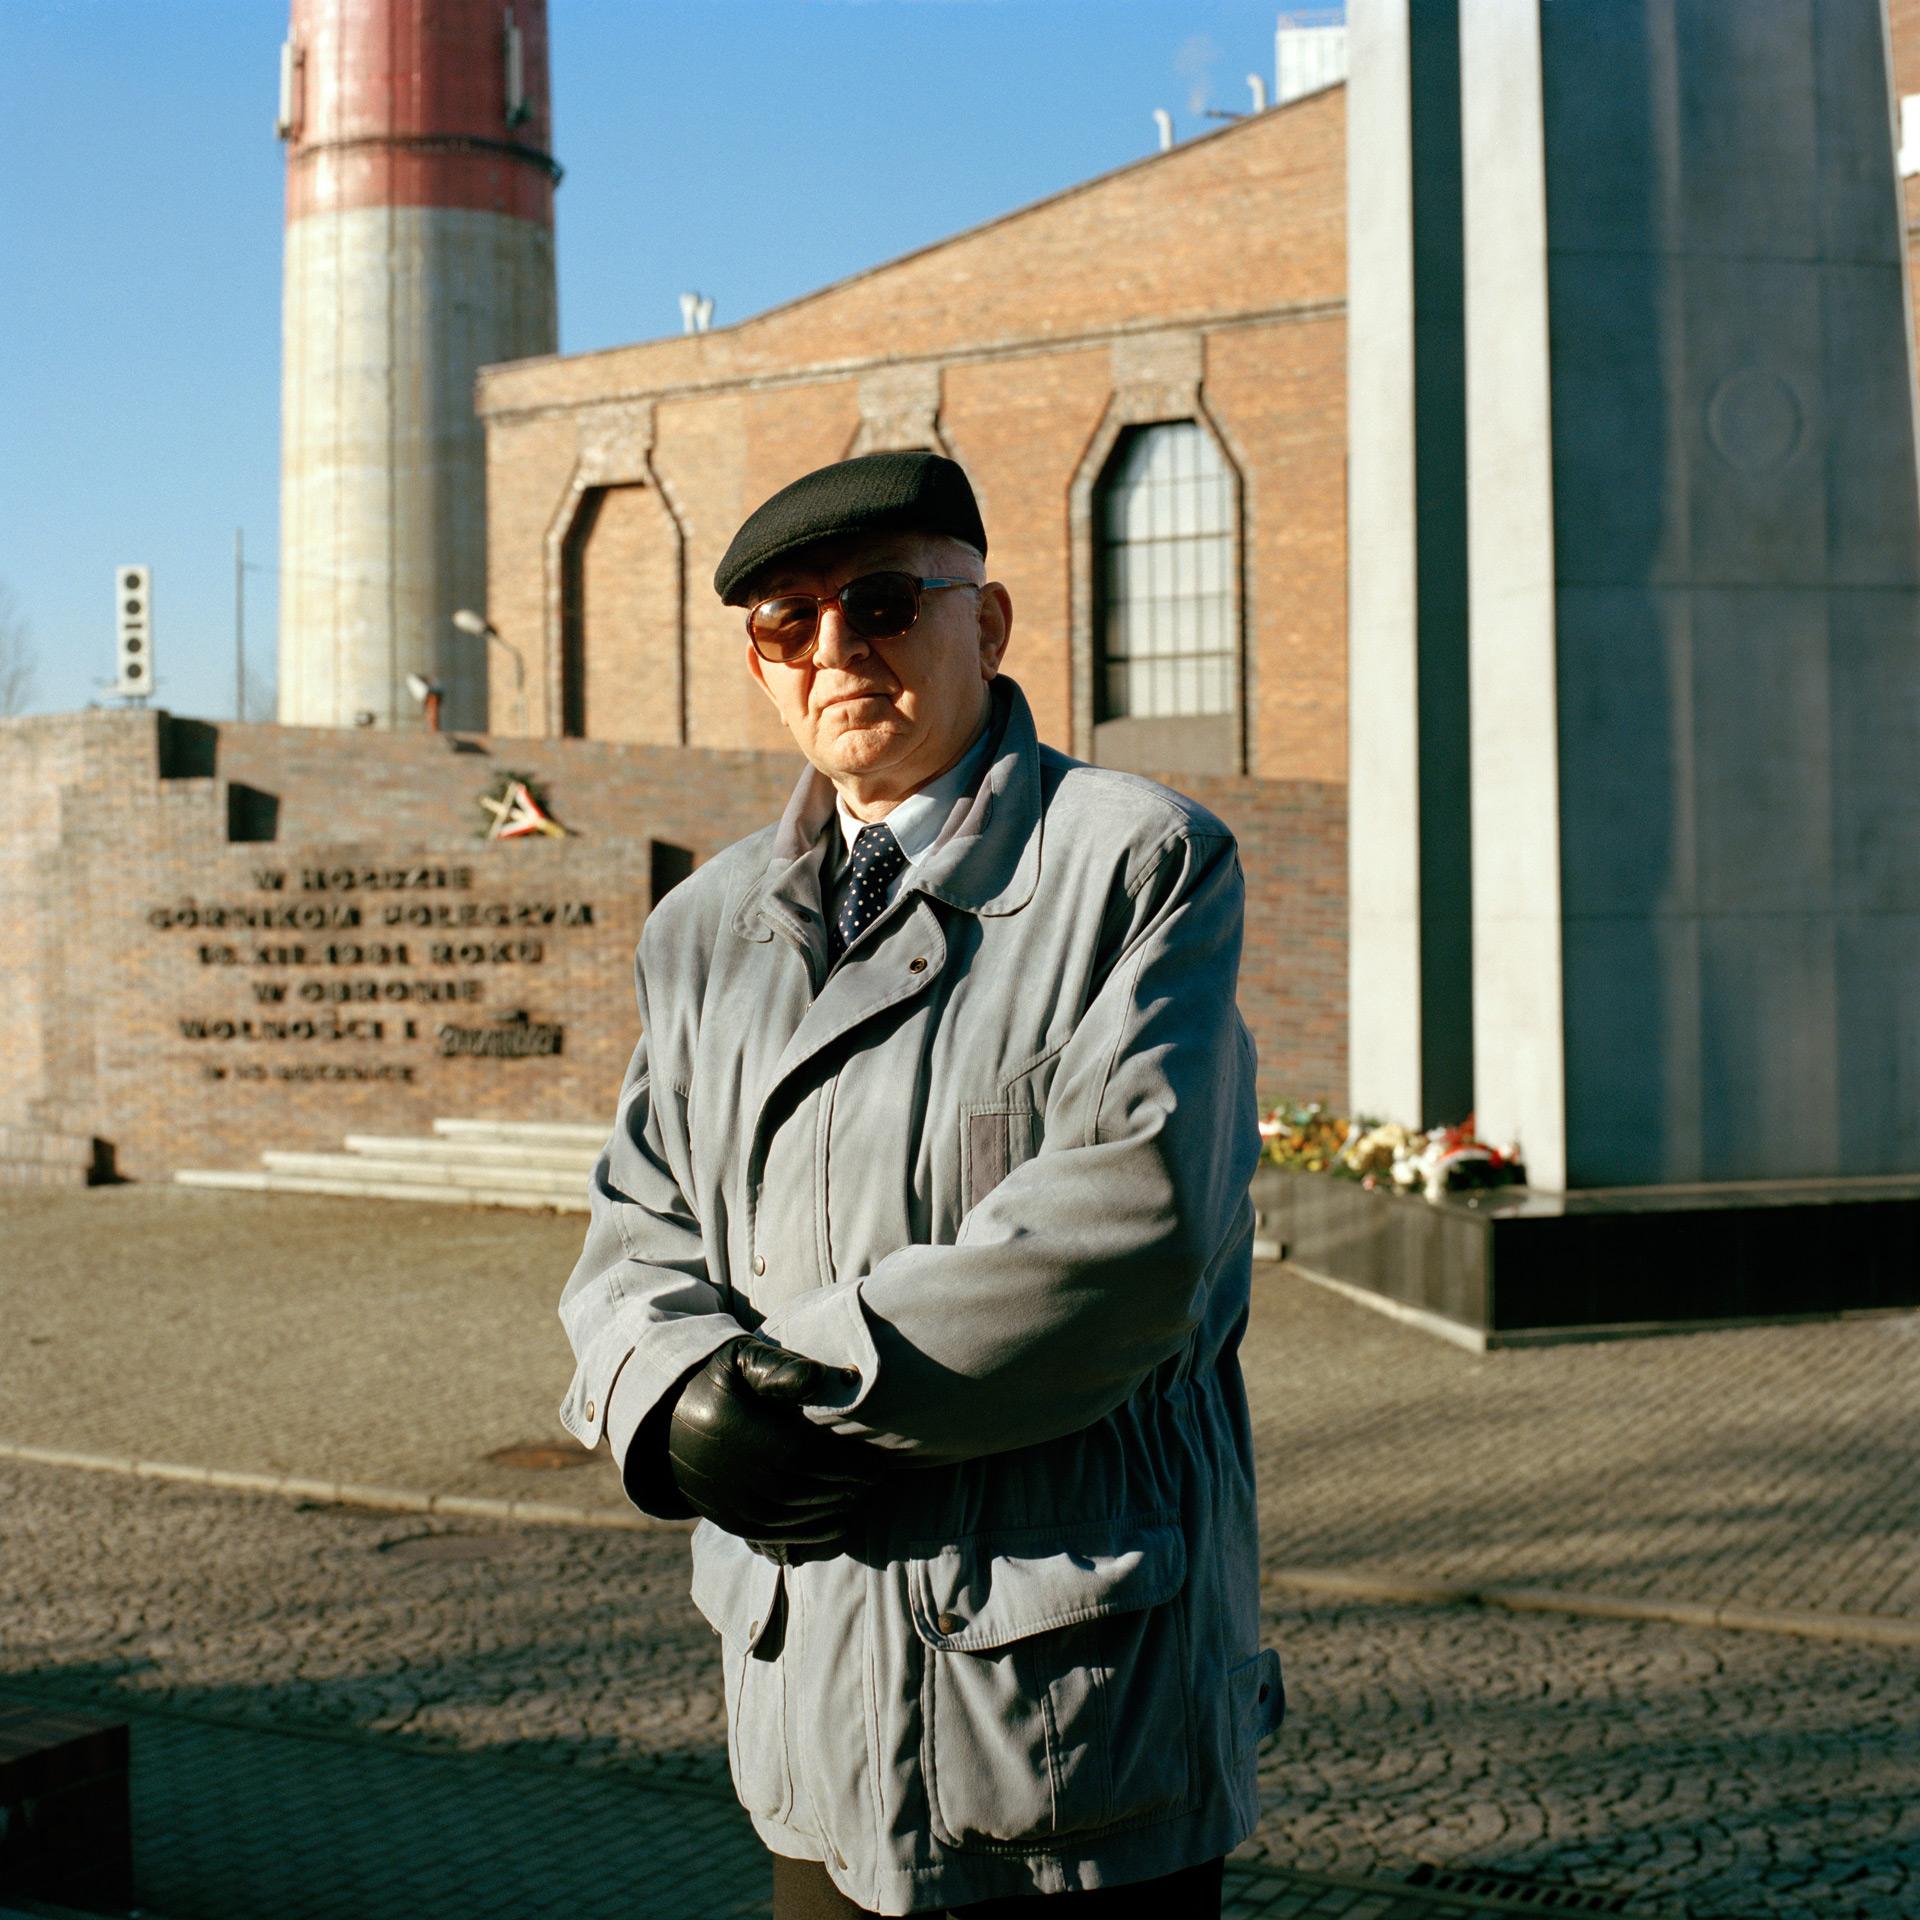 Jan Ludwiczak (né en 1936), devant le mémorial de la mine de Wujek. Katowice, Haute Silésie, Pologne. 2013